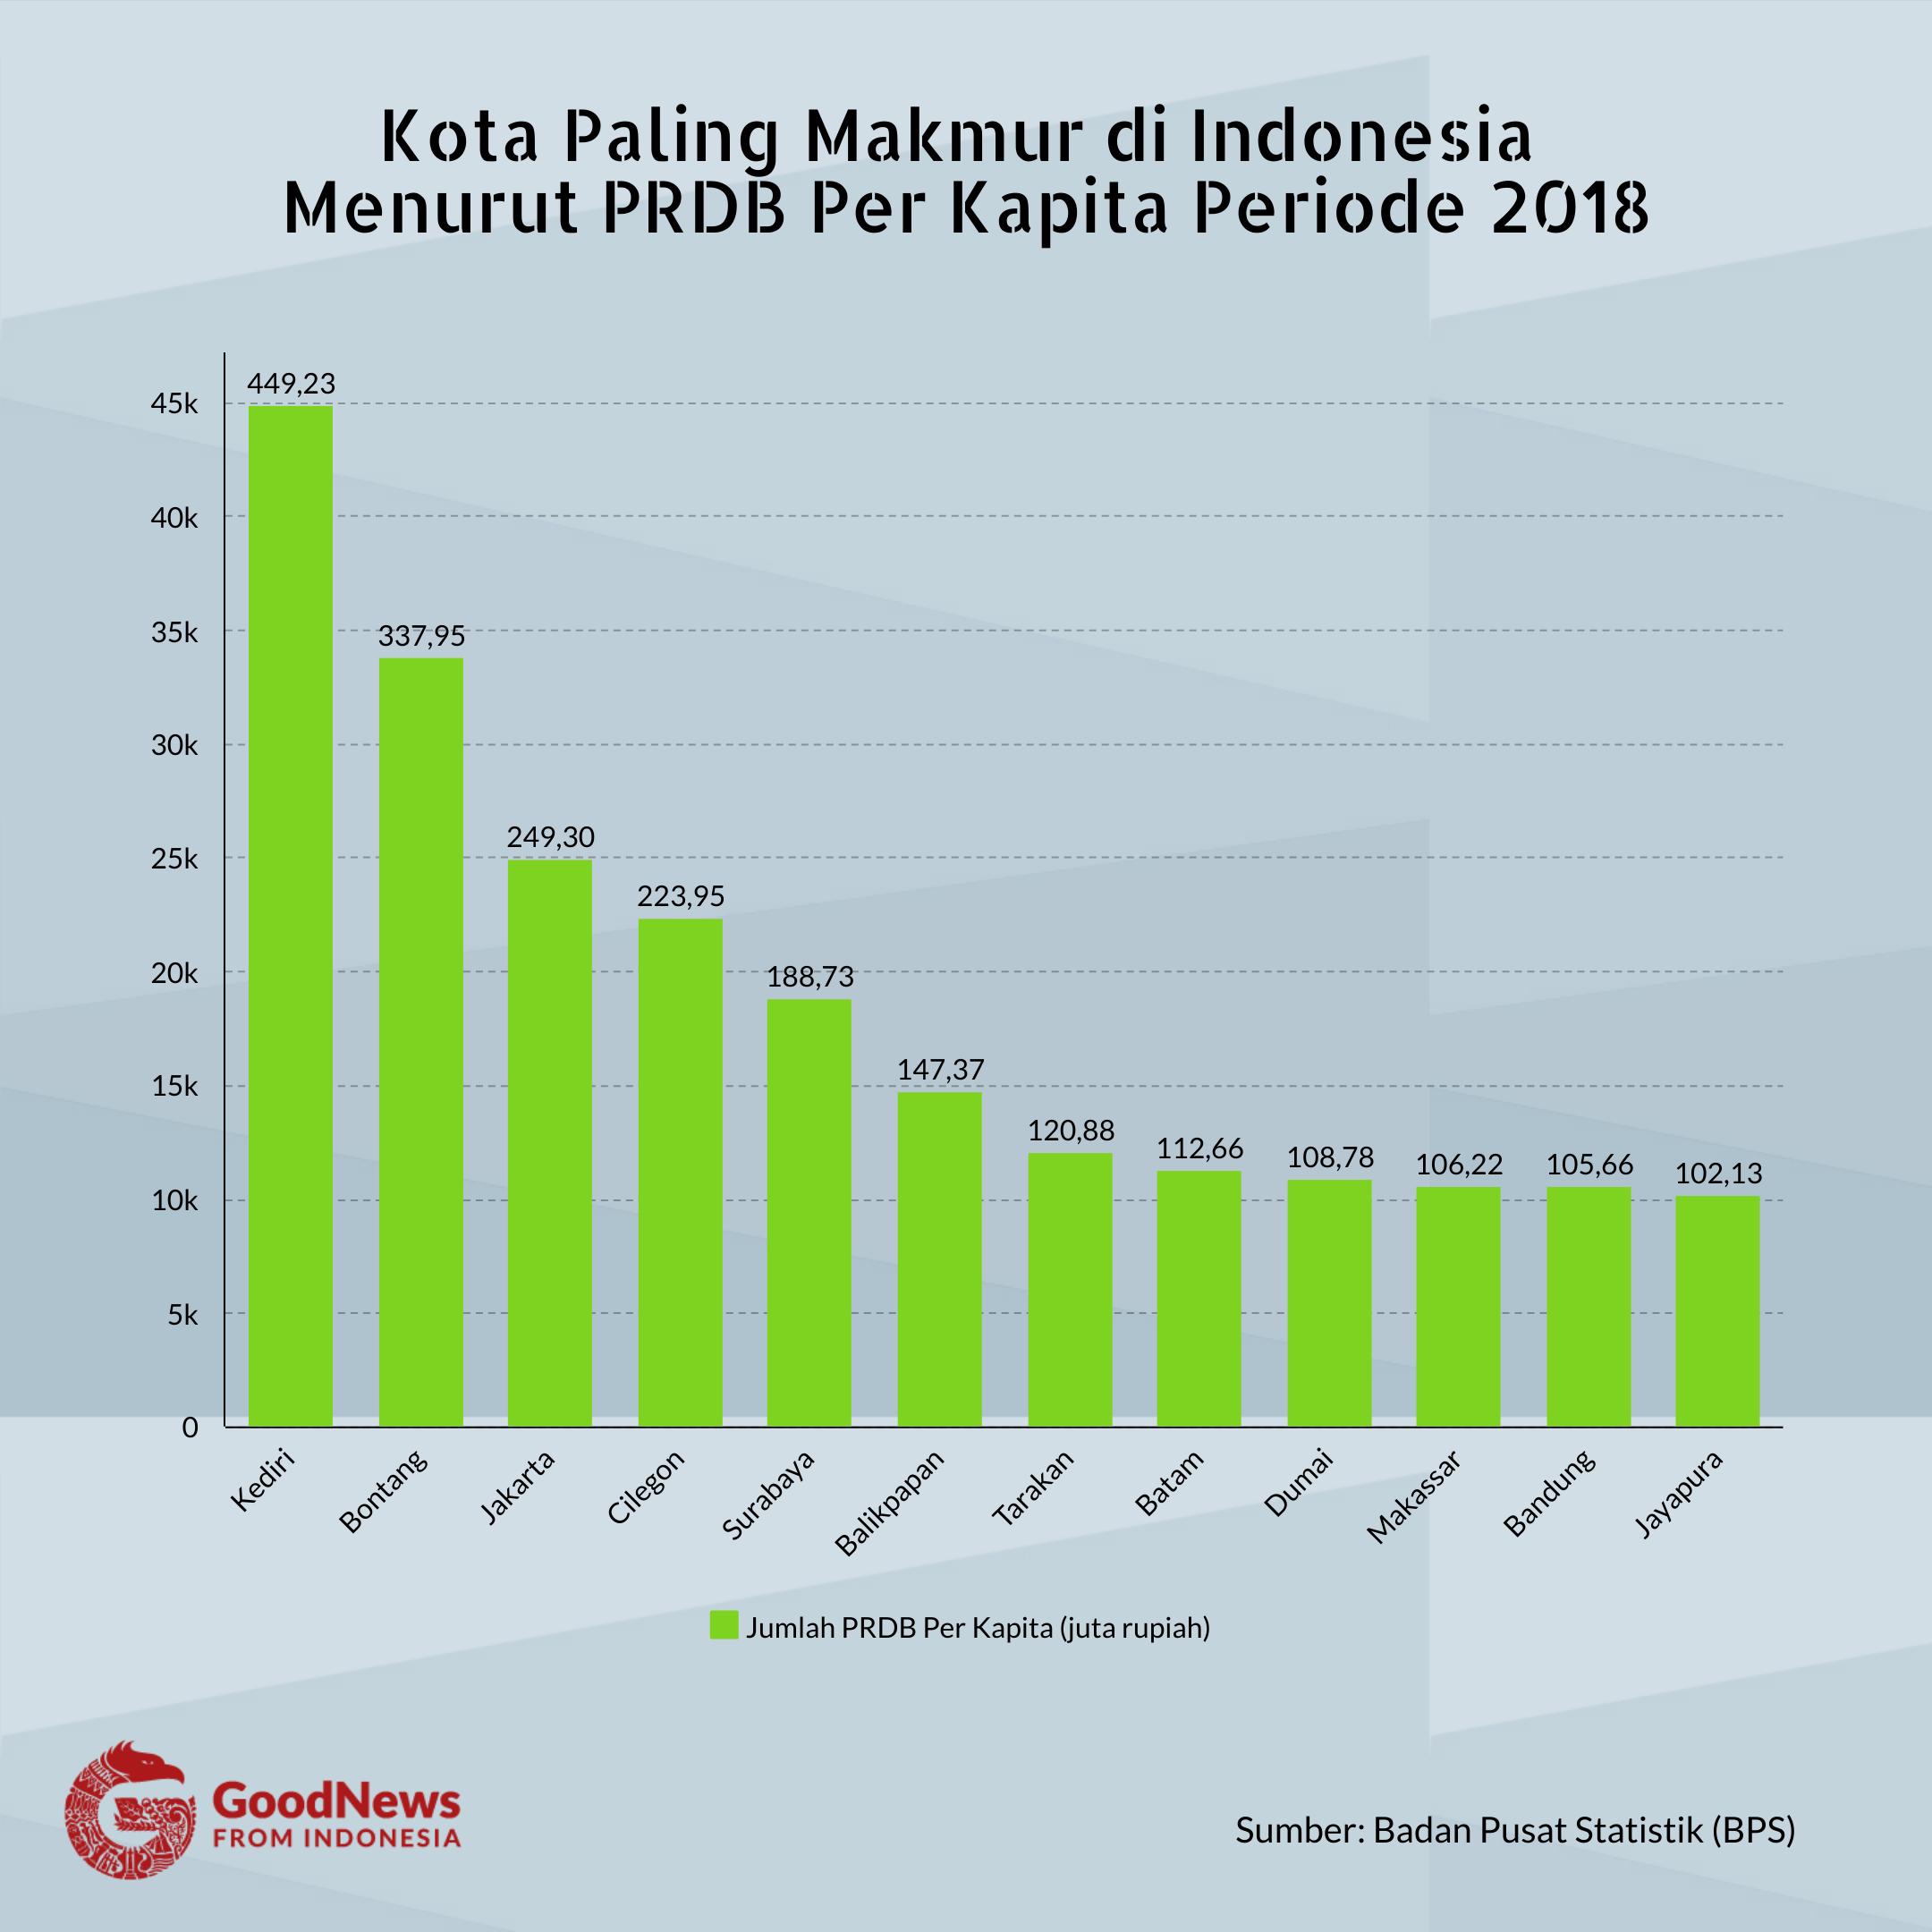 Kota paling makmur di Indonesia 2018